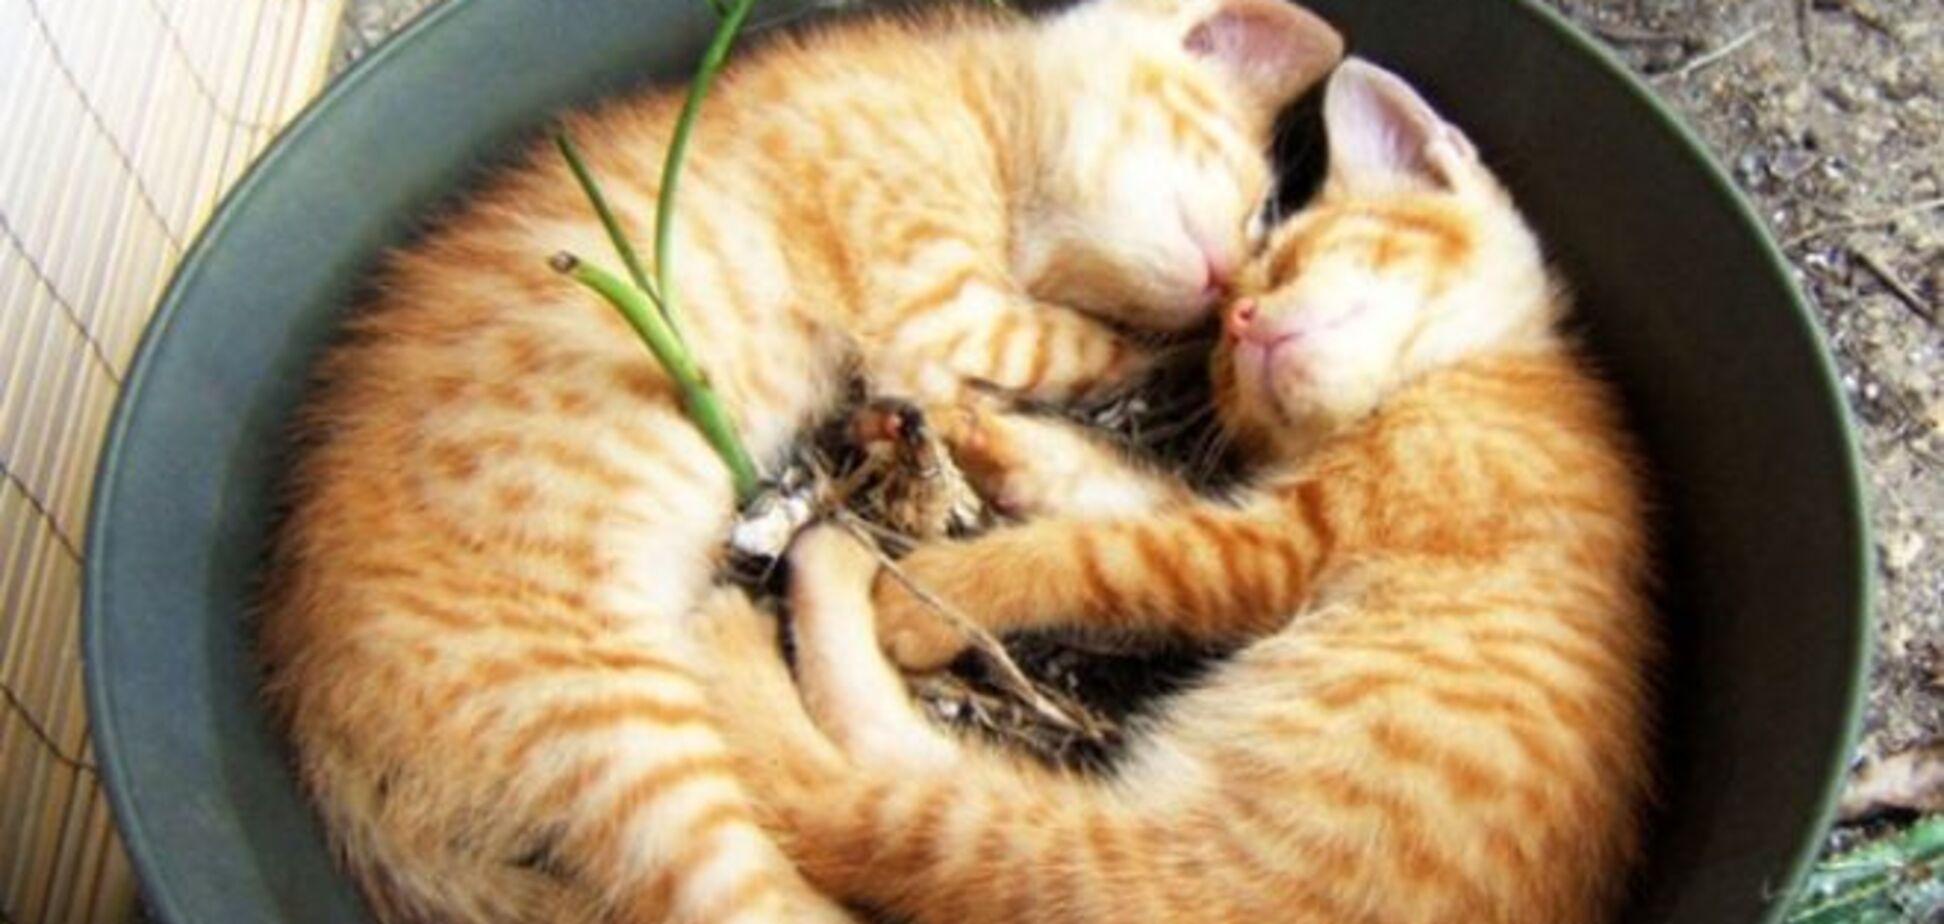 18 доказательств того, что коты - это растения